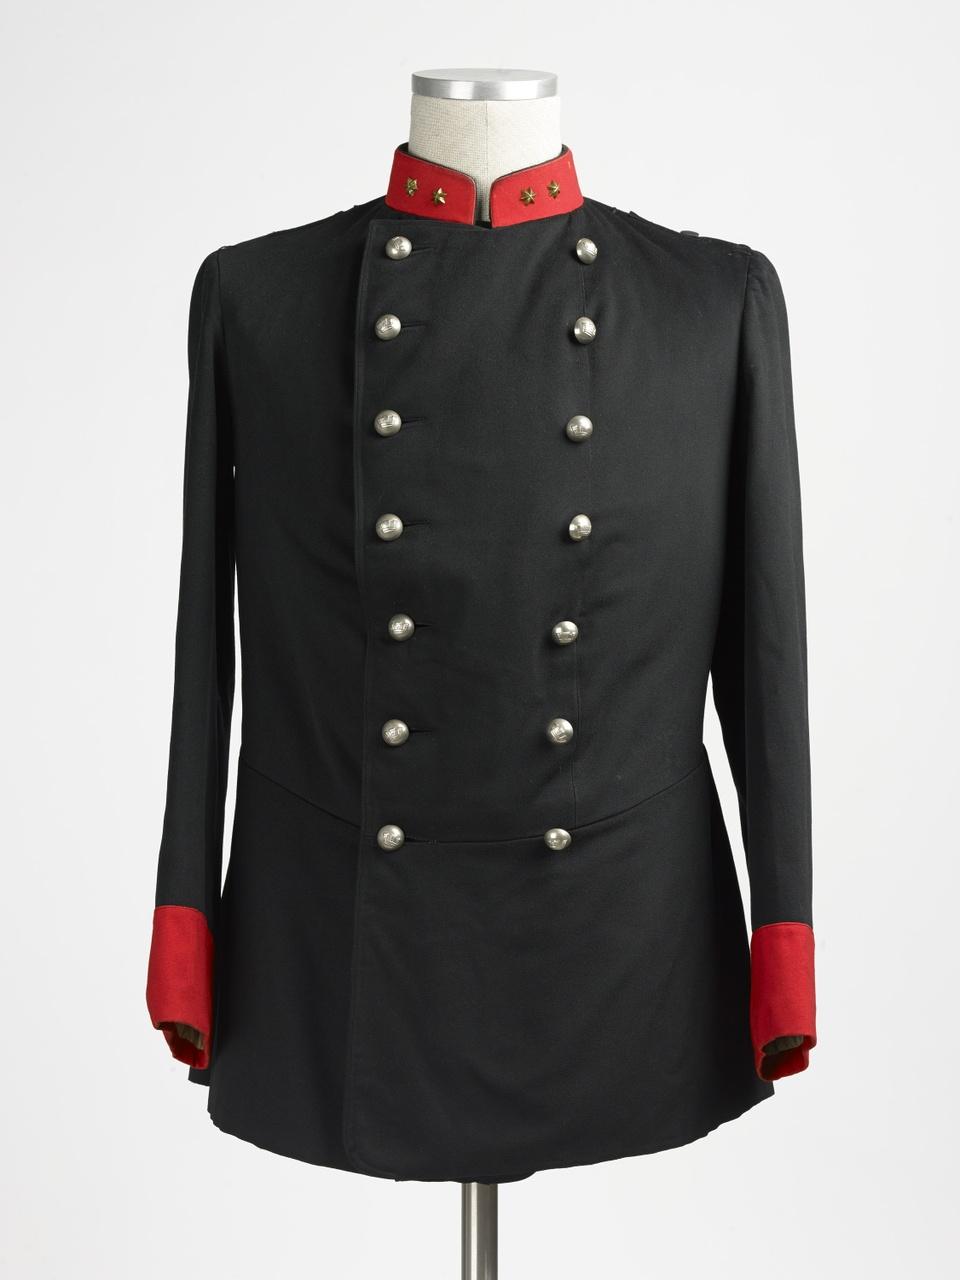 Jas van officiersuniform van de schutterij van Middelburg